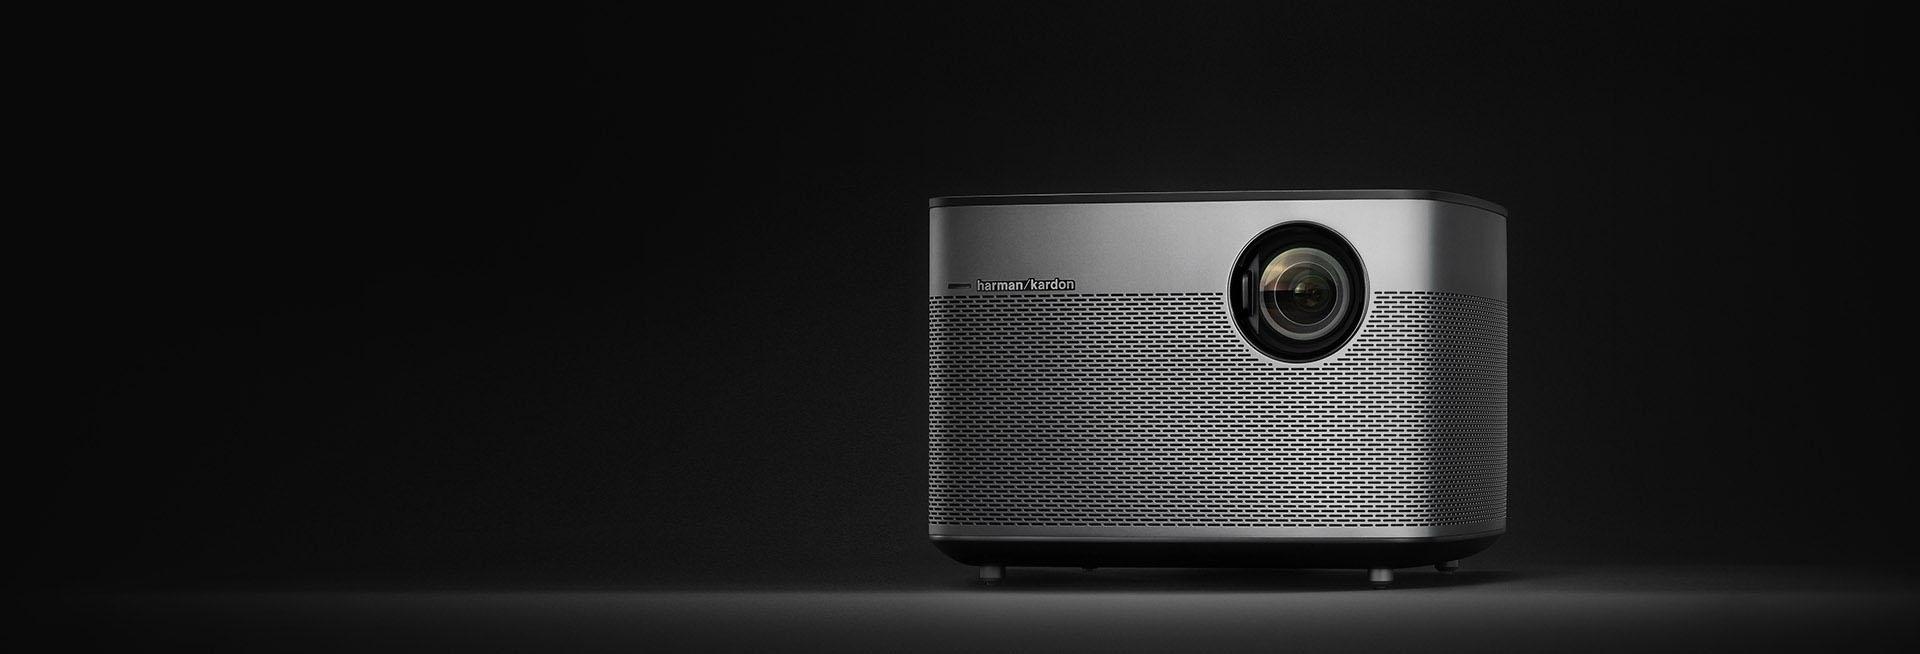 Xiaomi XGIMI H2, 819,90 per il proiettore da 1350 ansilumen con stereo Harman Kardon